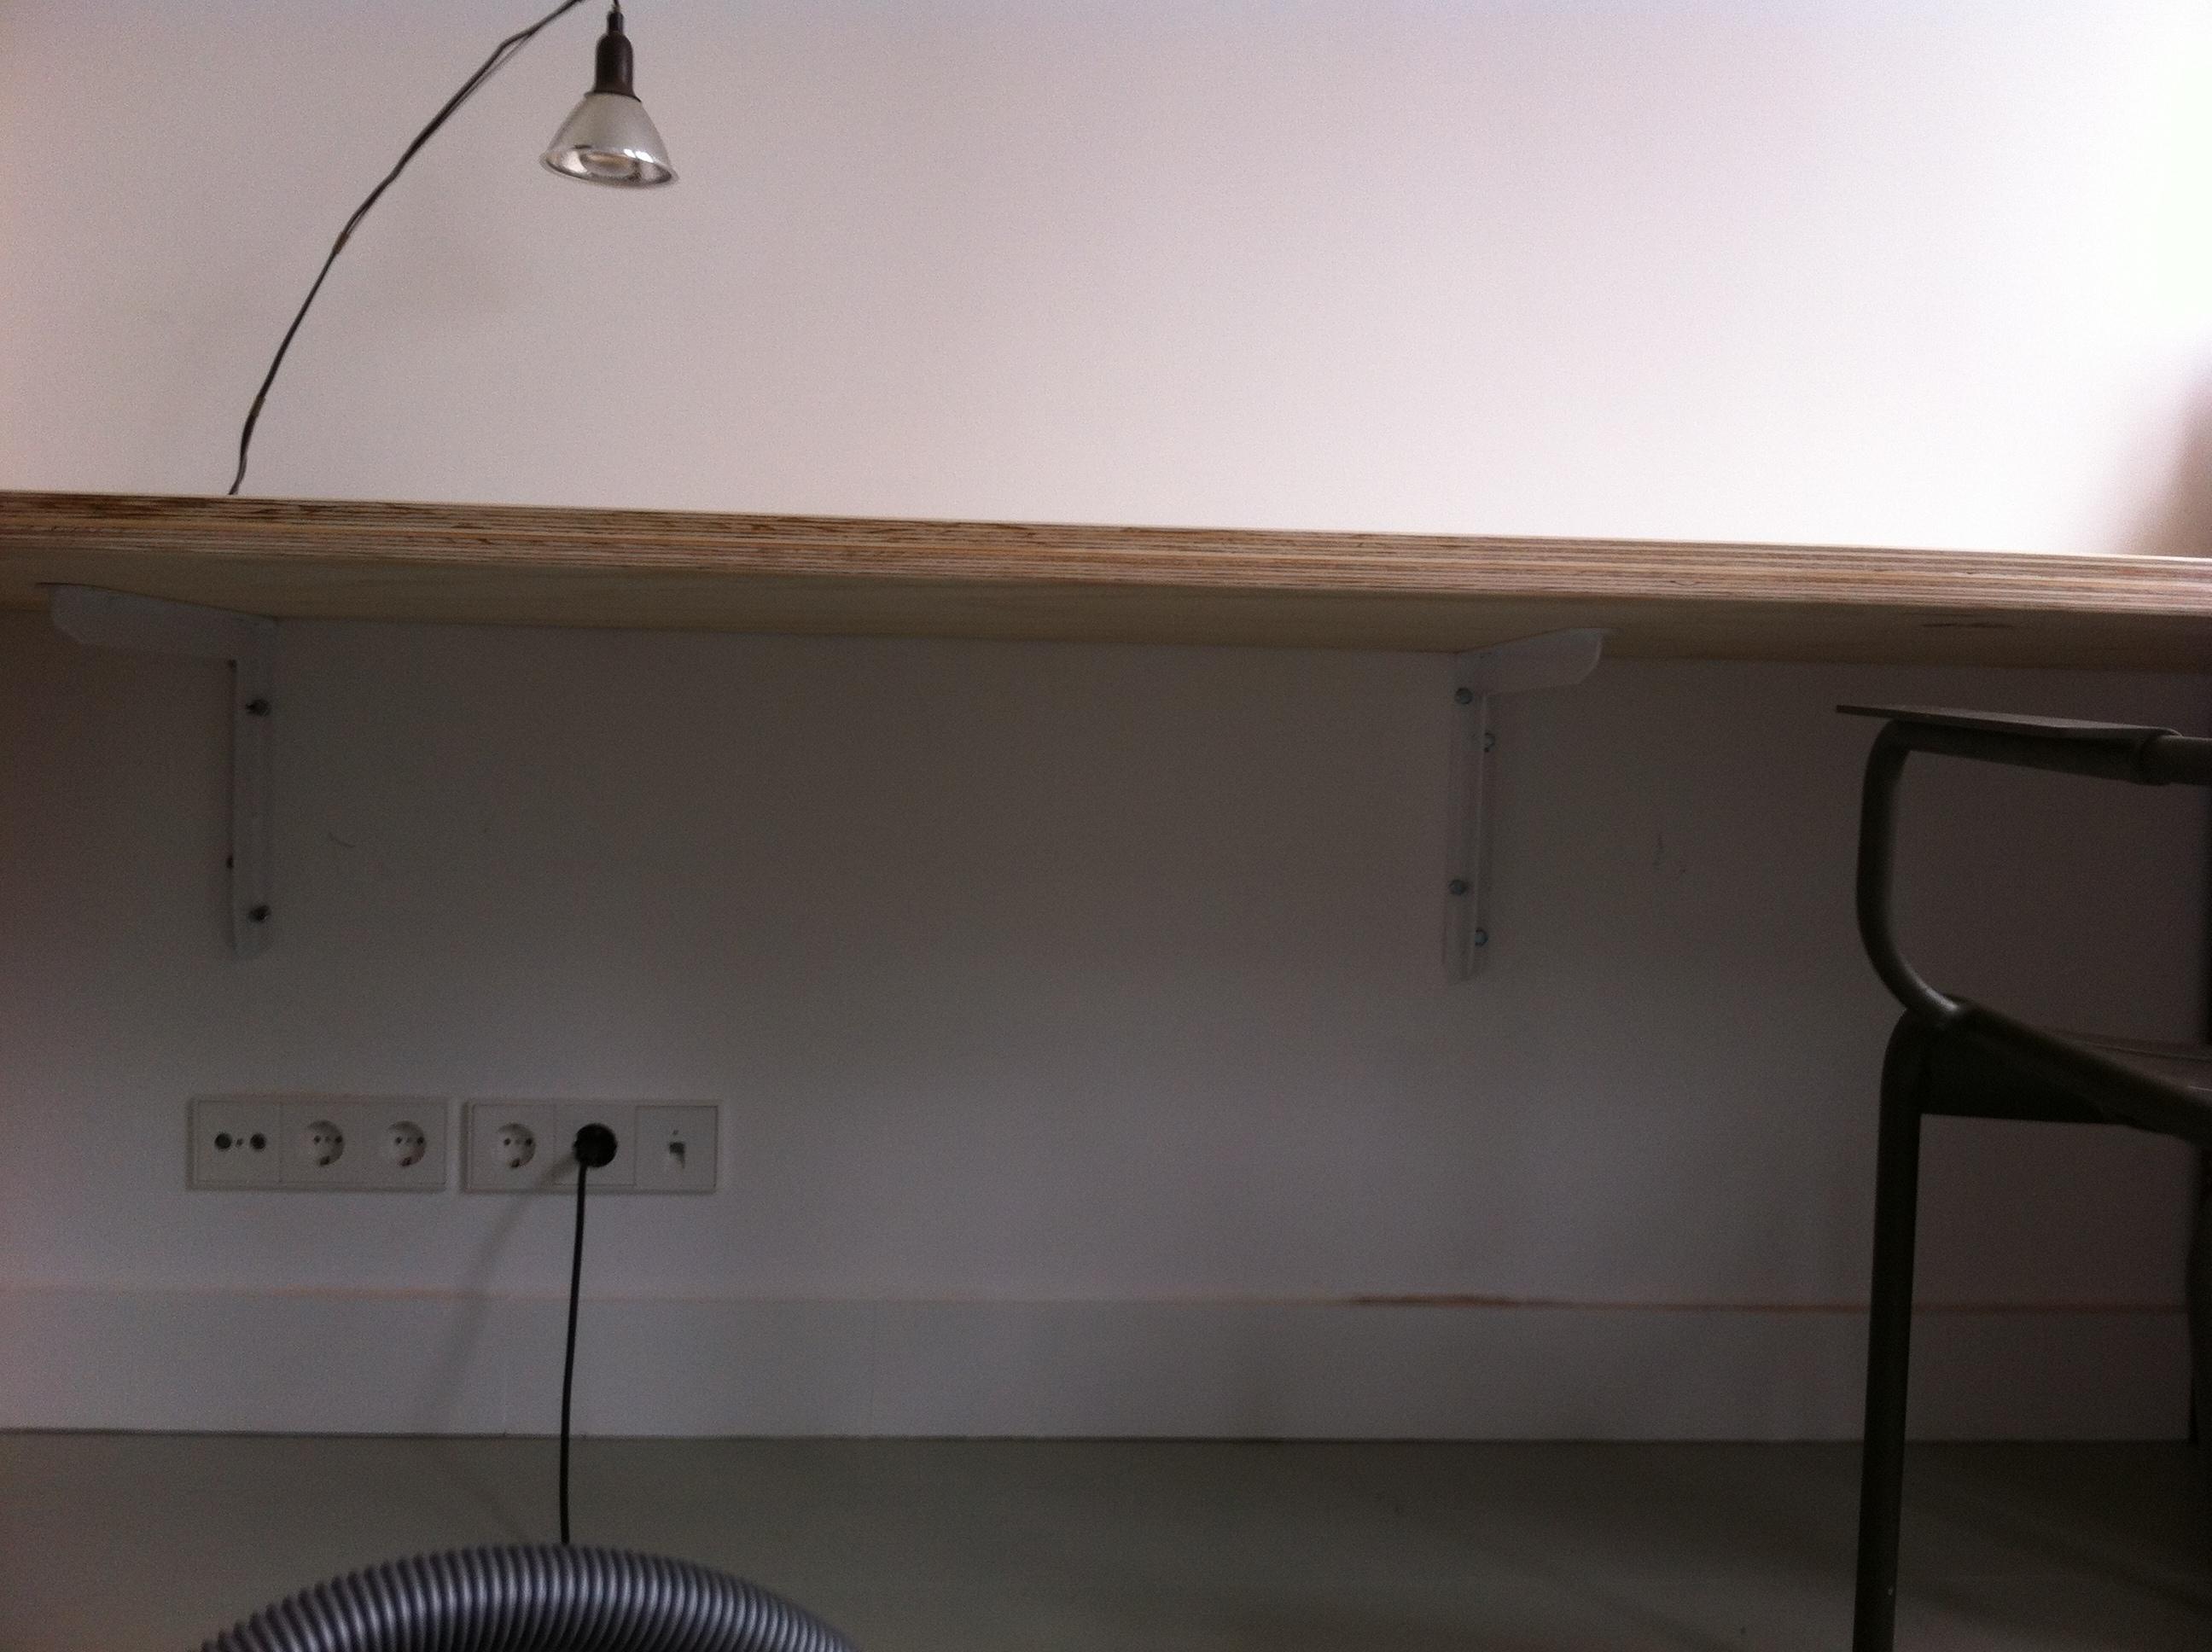 Keukenkast Ophangen Ikea : Plank ophangen cheap keukenkast ophangen ikea with plank ophangen